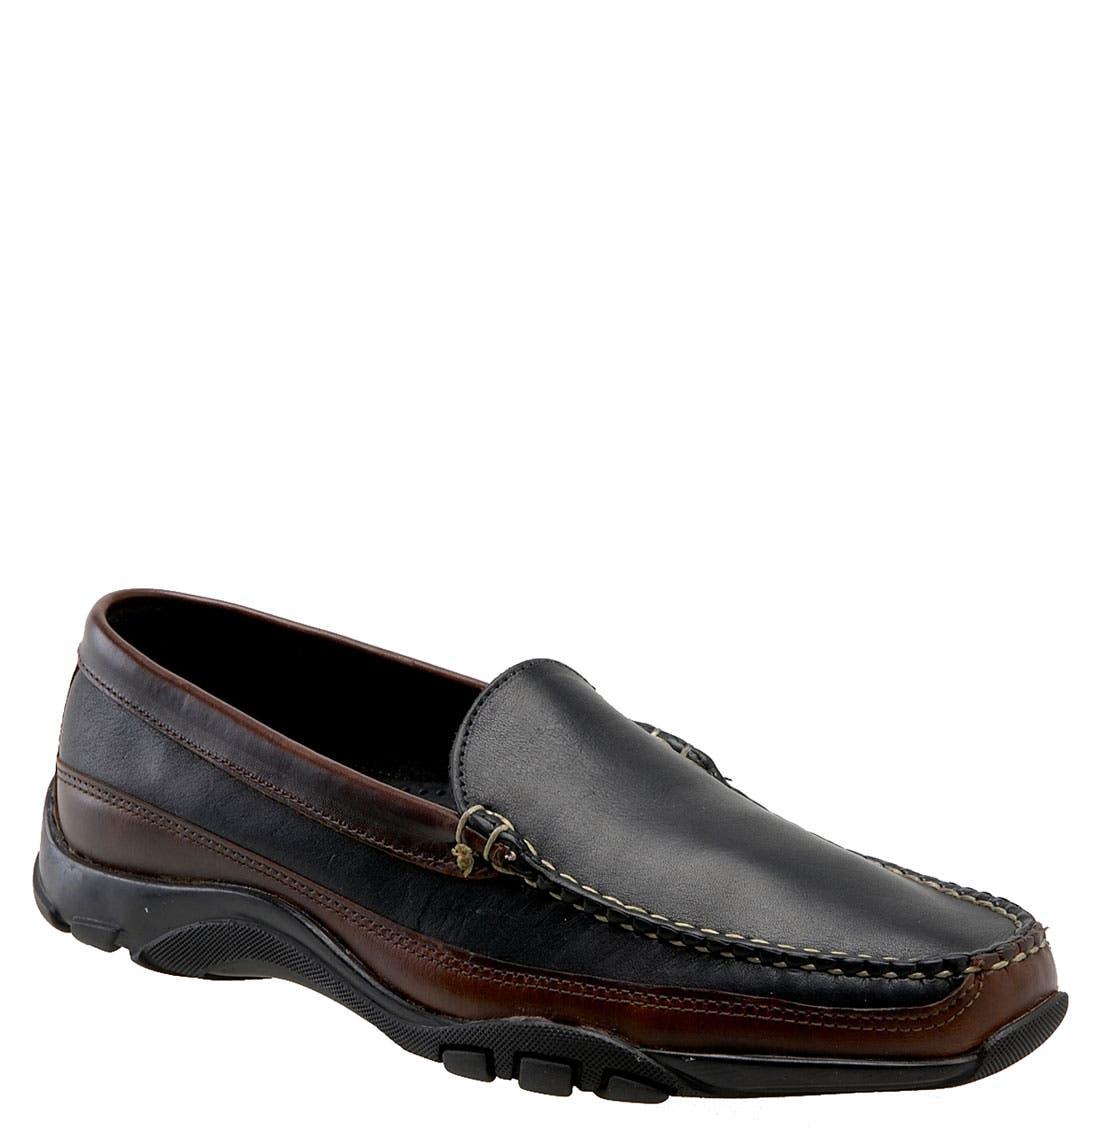 ALLEN EDMONDS 'Boulder' Driving Loafer, Main, color, Black/Brown